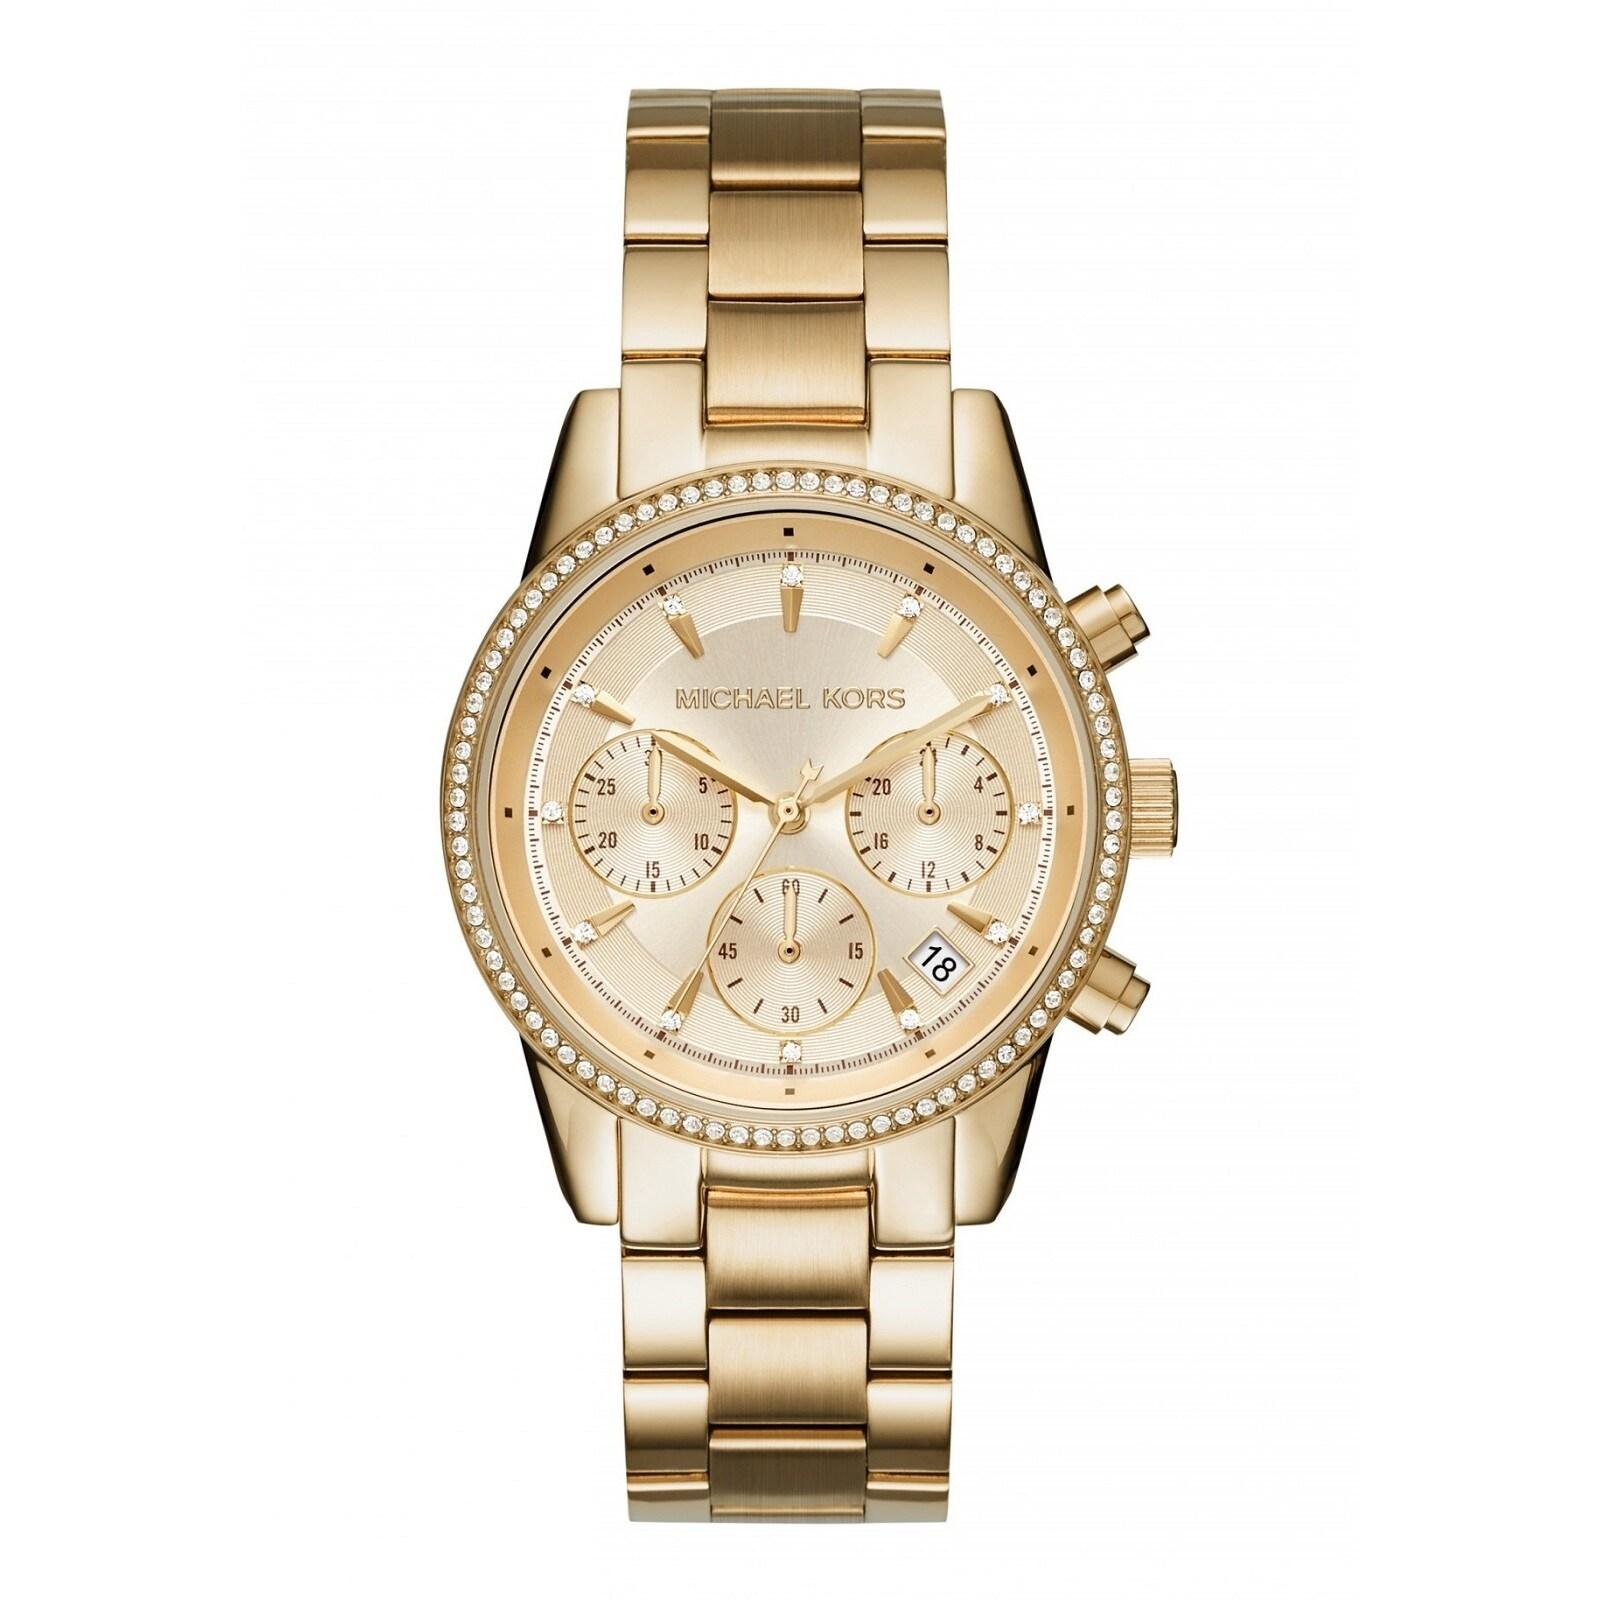 784ff4d6e30 Casual Michael Kors Women s Watches